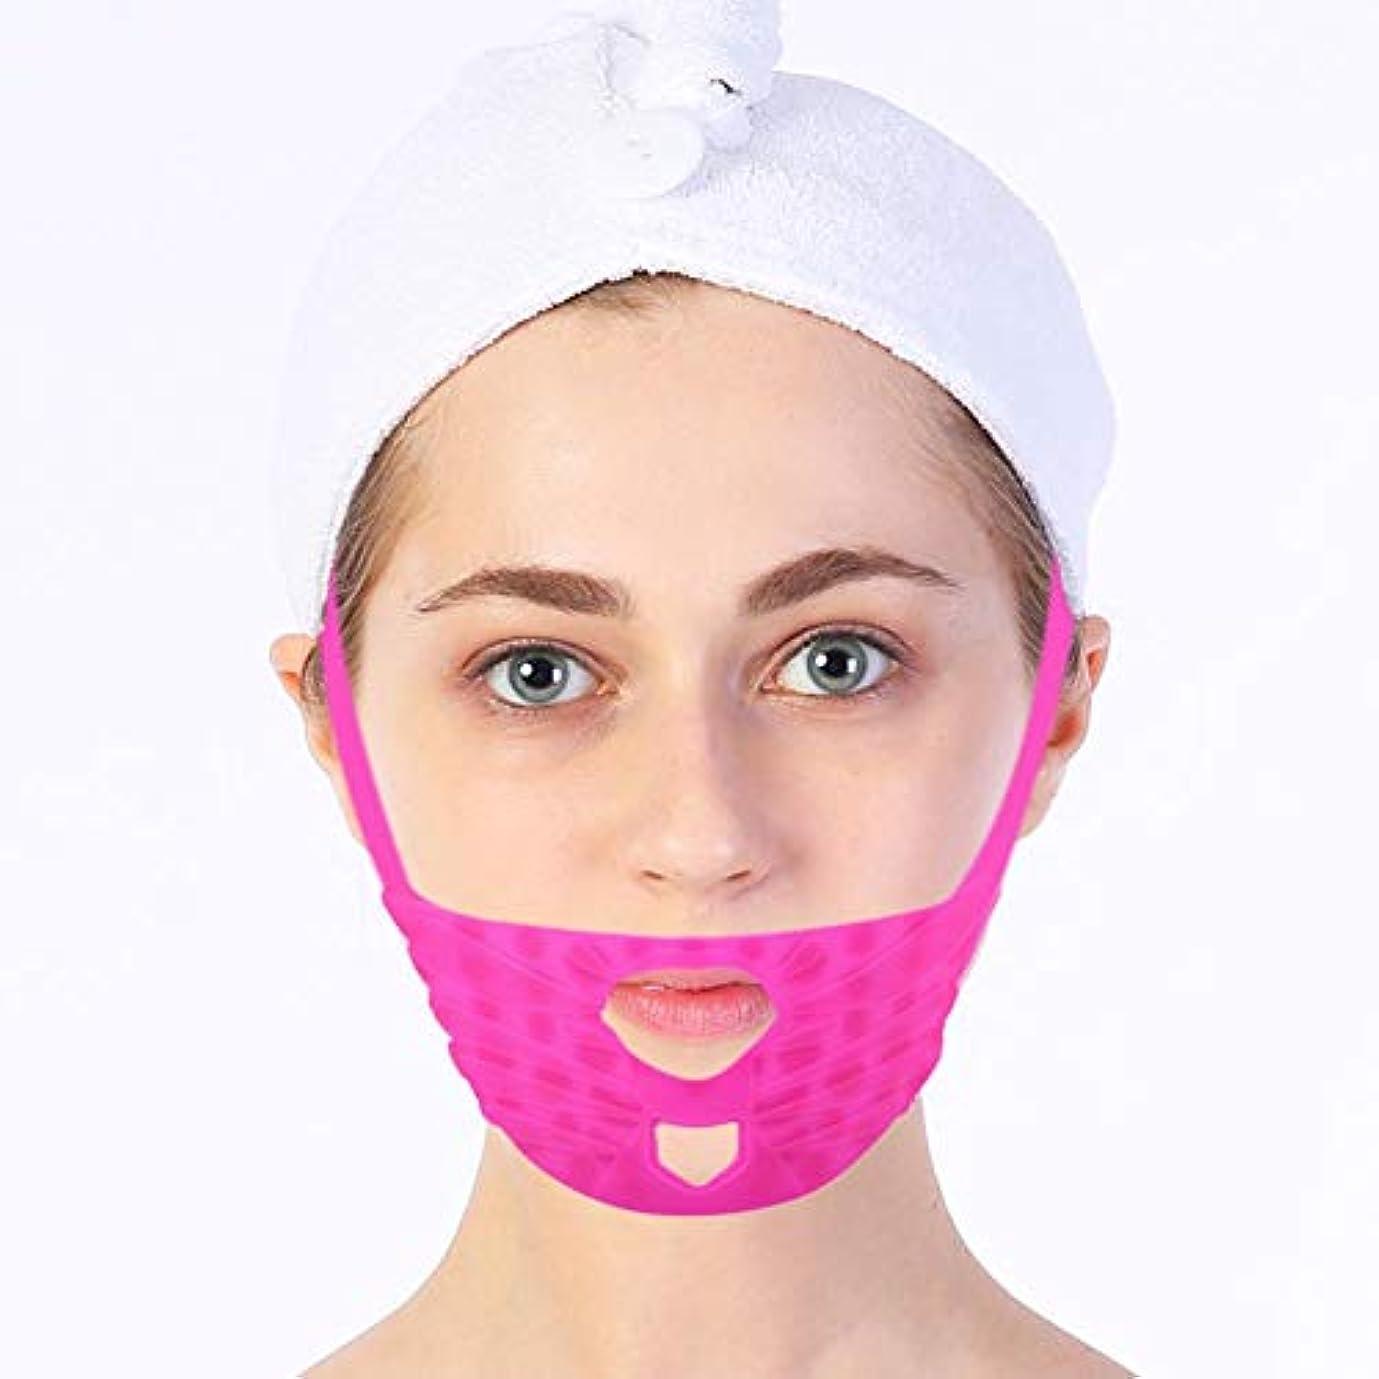 クレーター処分した普通にSemmeフェイシャルリフティング引き締め痩身マスク、マッサージフェイスシリコン包帯Vラインマスク首の圧縮二重あご、変更ダブルチェーンマスク引き締まった肌を減らす